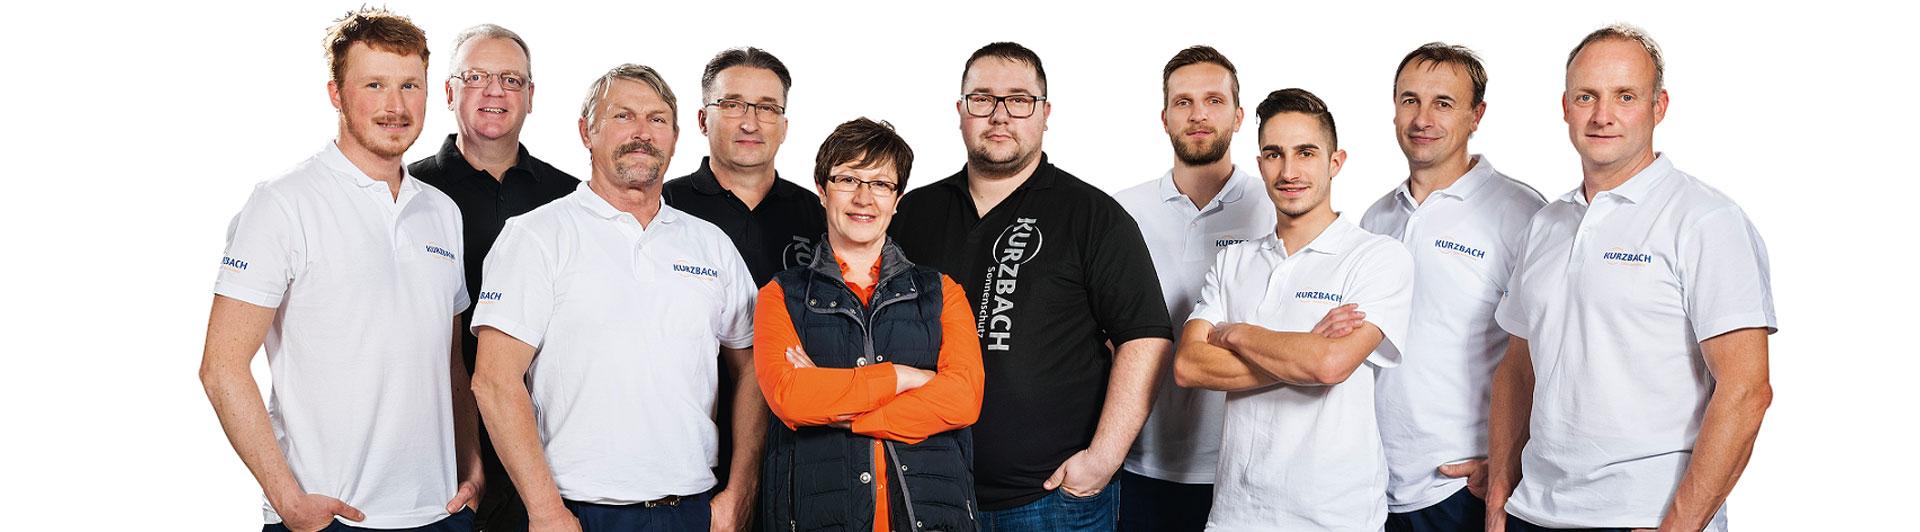 Kurzbach Sonnenschutz Grimma